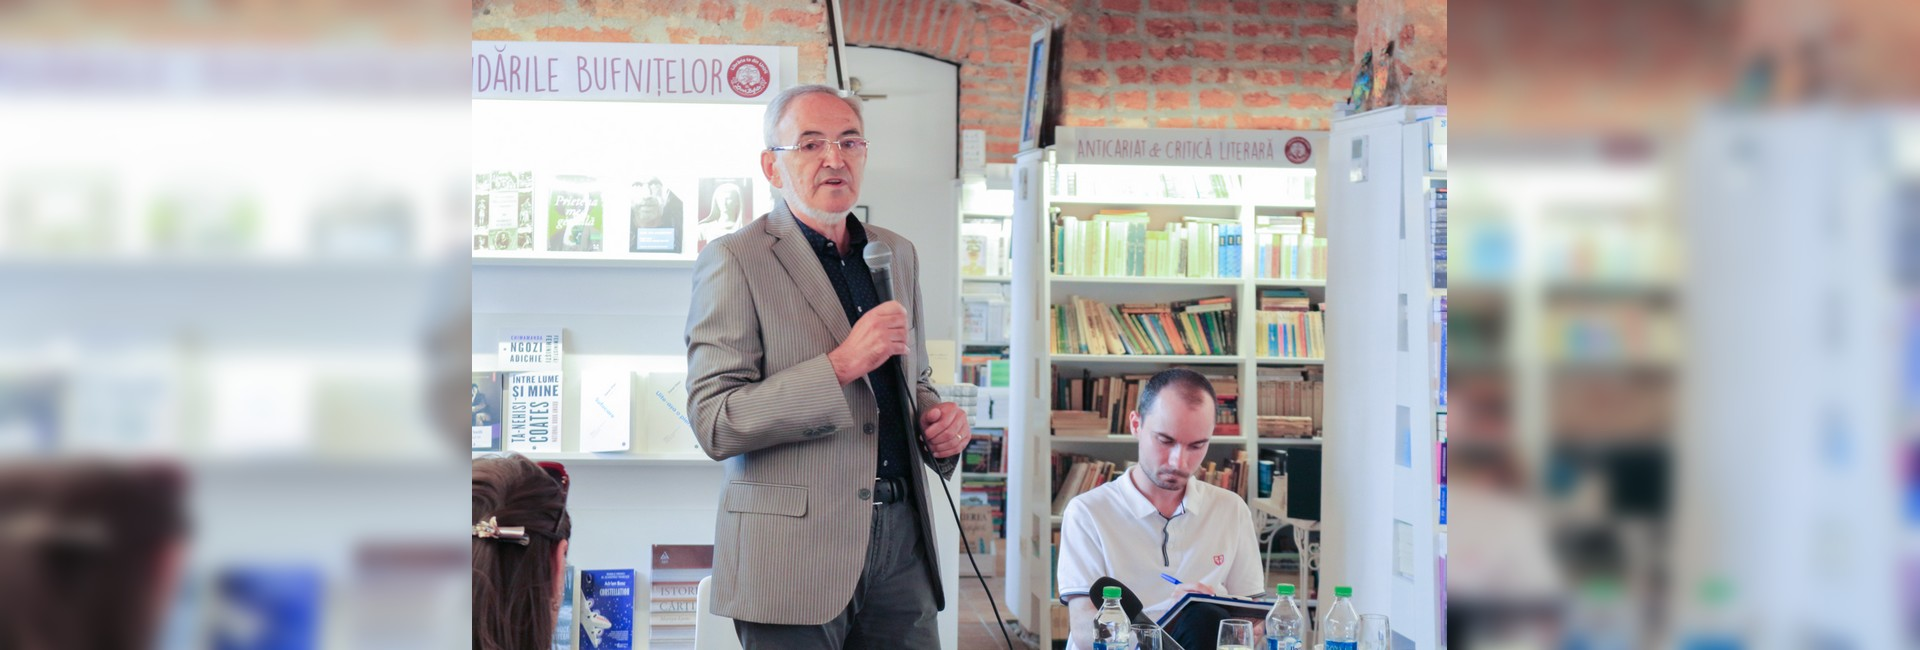 sociologul Adrian Rachieru la Întâlnirile Matricei Timişoara conferinţă despre elite slider